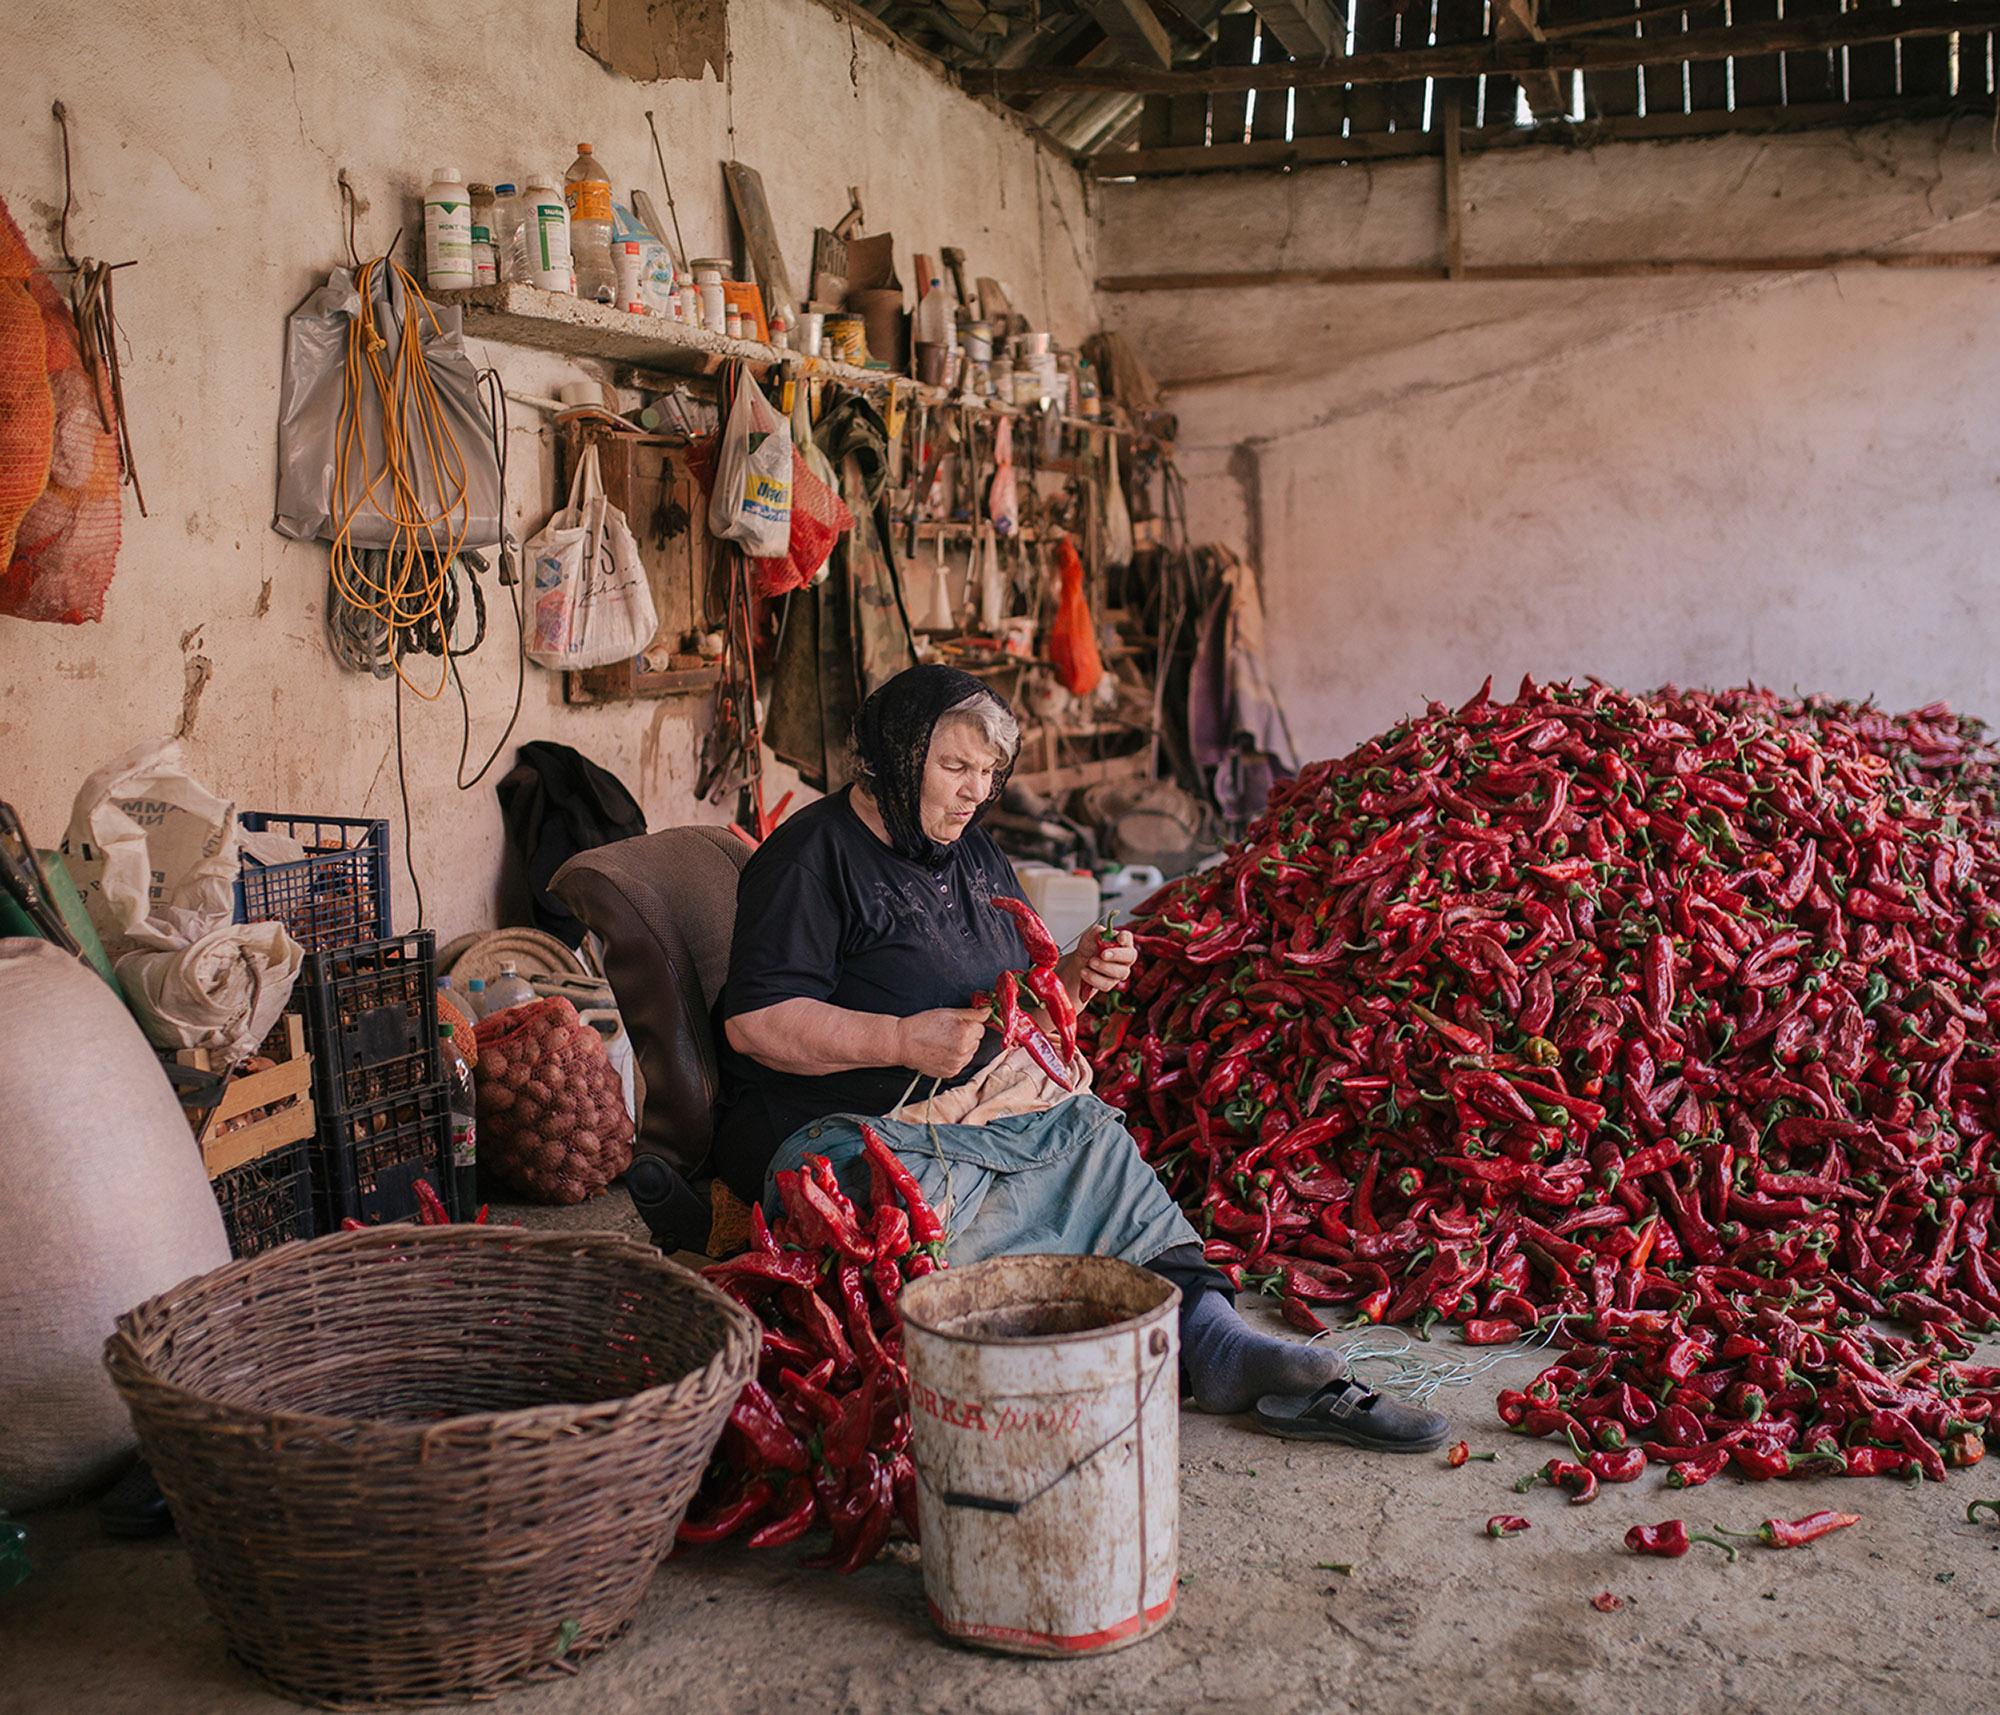 一名老妇于19年2020月XNUMX日在塞尔维亚的Donja Lokosnica准备红辣椒丝